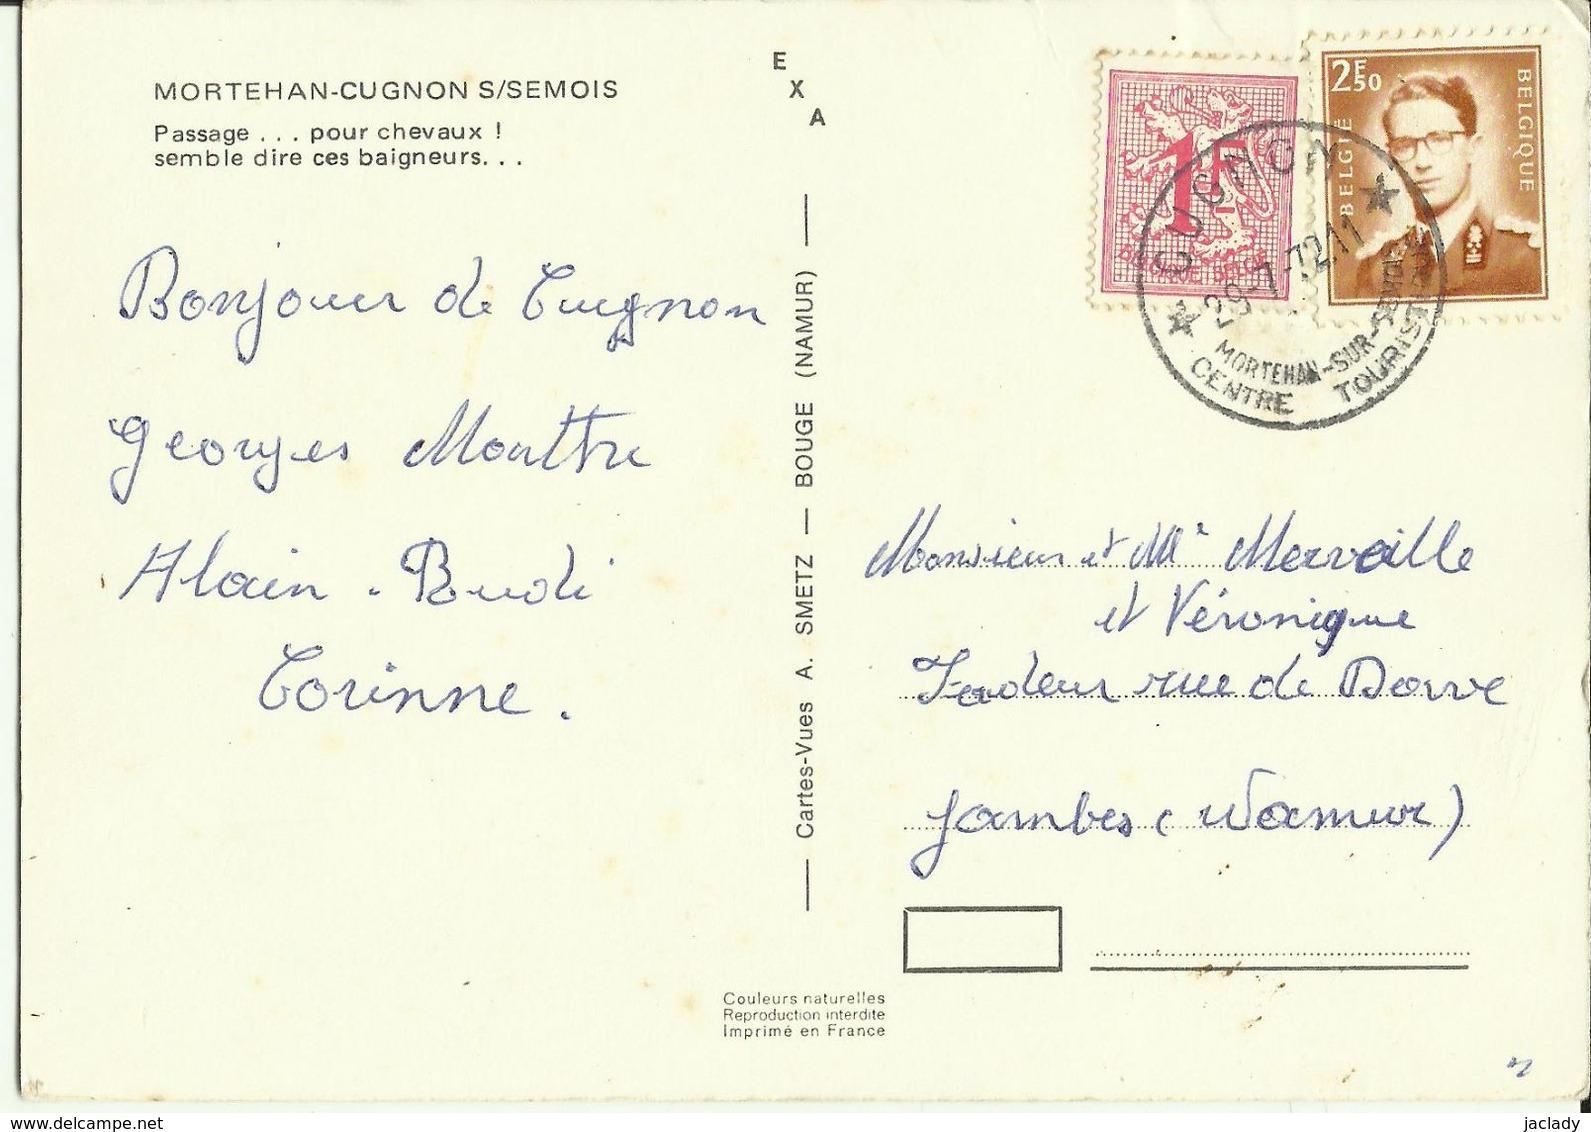 Mortehan - Cugnon S/ Semois -- Passage Pour Chevaux ! Semble Dire Ces Baigneurs.  ( 2 Scans ) - Bertrix